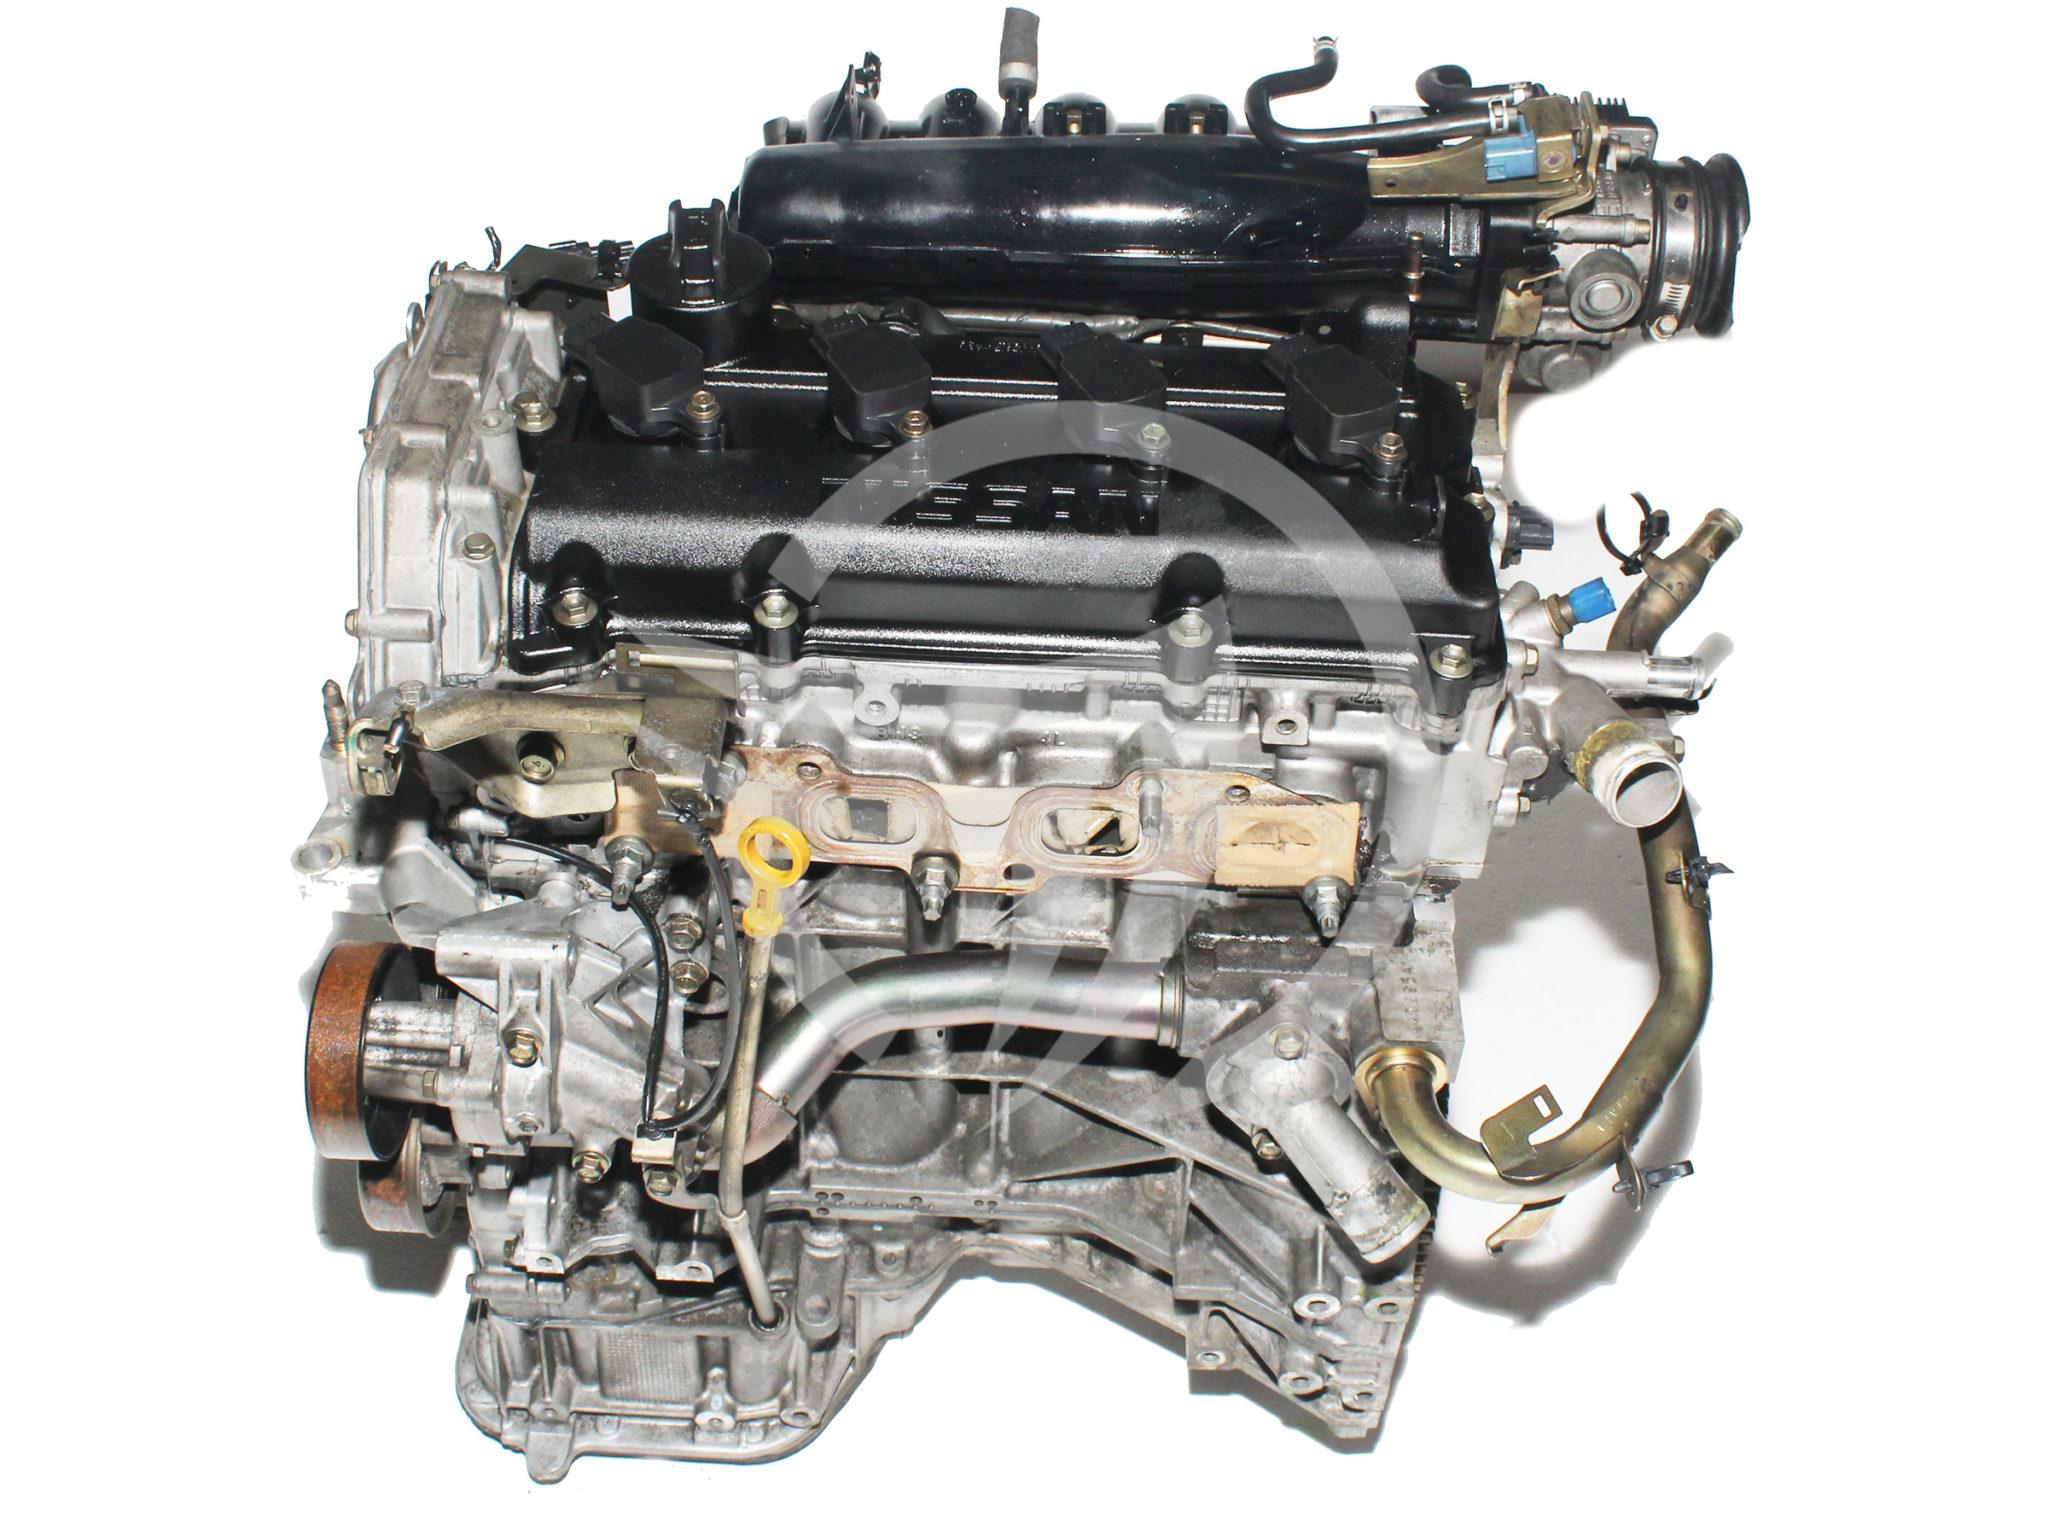 02-06 Nissan Altima 2 0l Twin Cam 4 Cylinder Replacement Engine JDM QR20DE